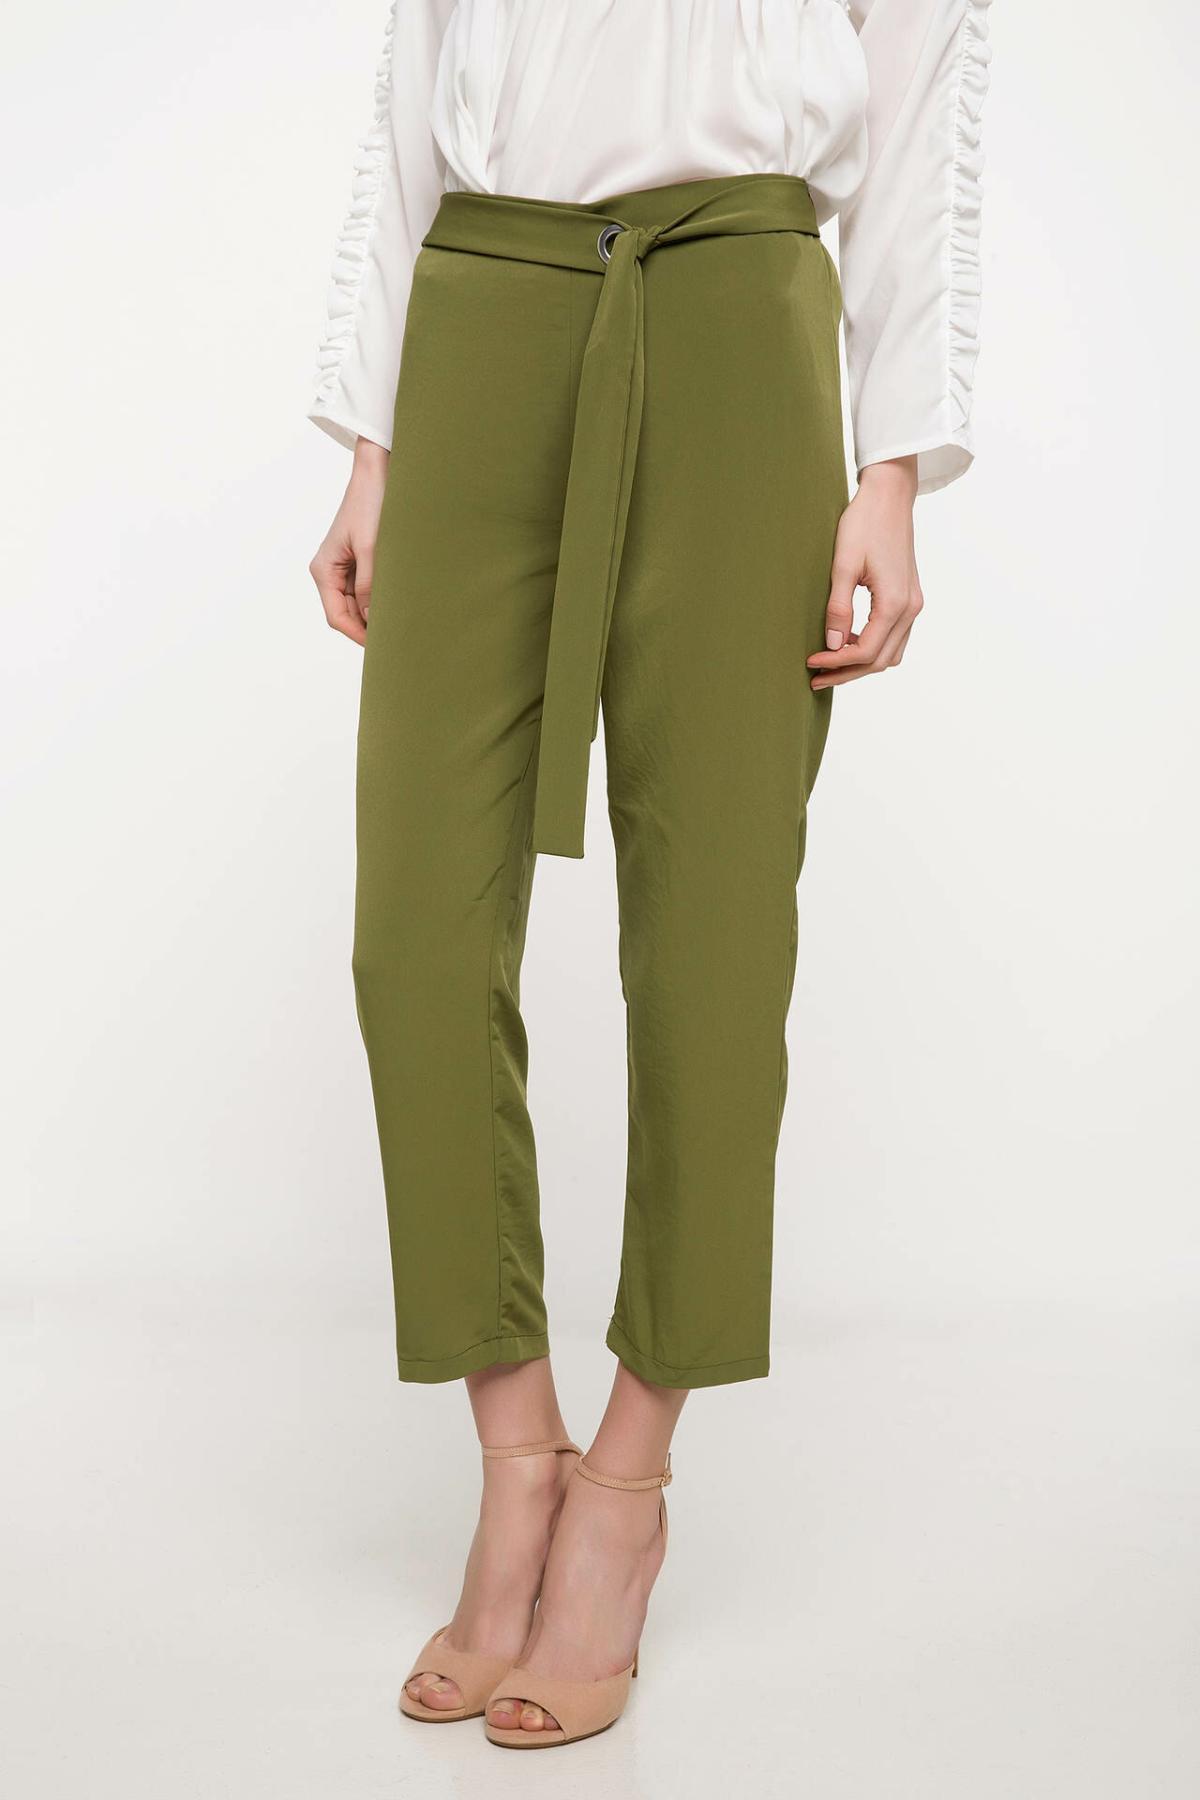 DeFacto Women Adjustable Long Pants Women Casual Solid Color Ninth Pants Female Fit Mid-waist Bottoms Trousers-J1119AZ18SP